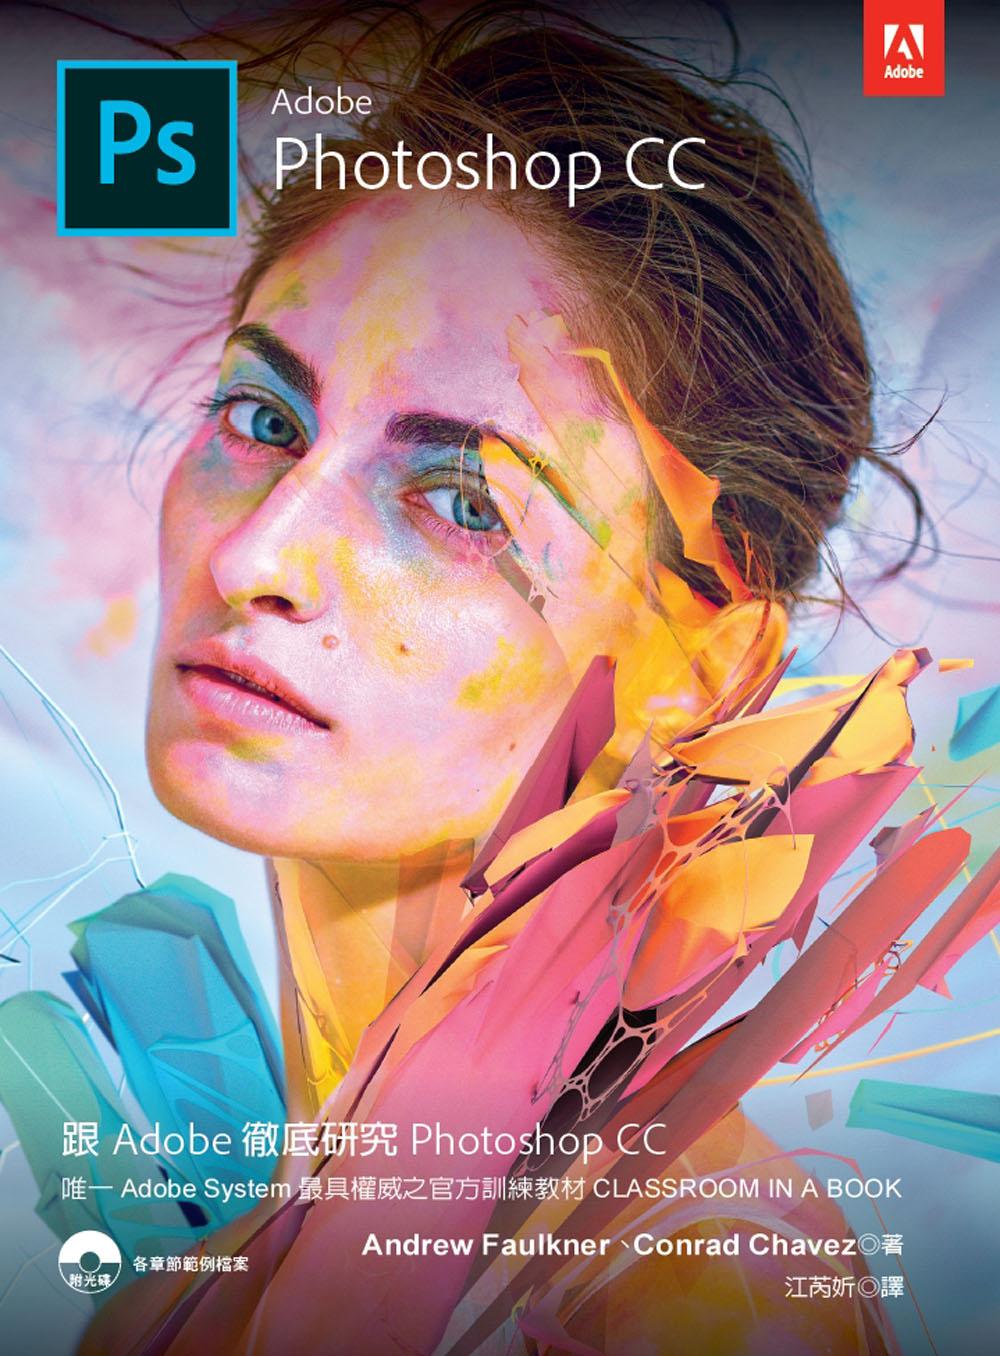 跟Adobe徹底研究Photoshop CC 2018